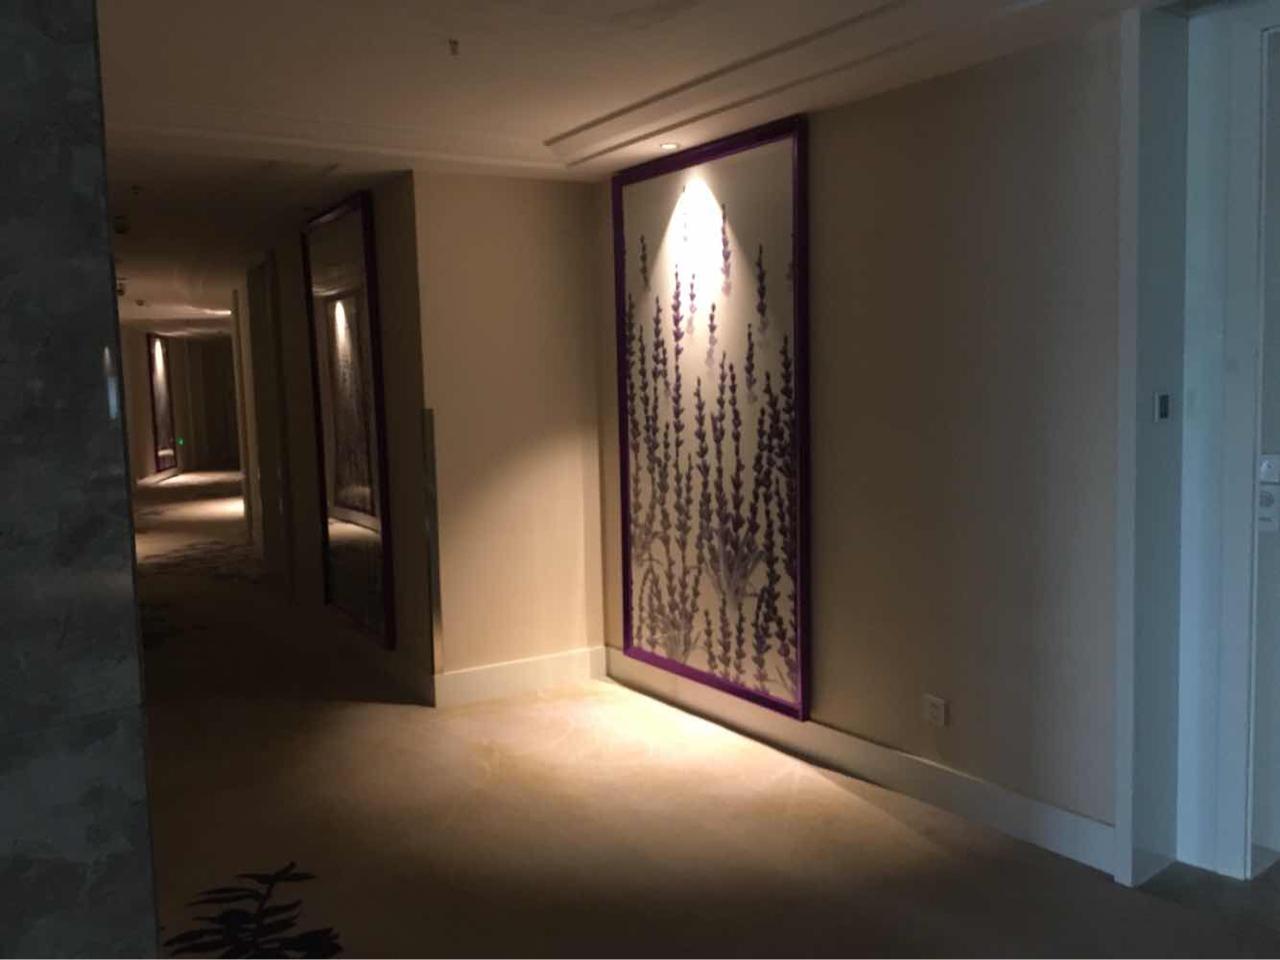 晓哥带您看荆门的星球国际酒店,装修这么豪是荆门最好的酒店吗?